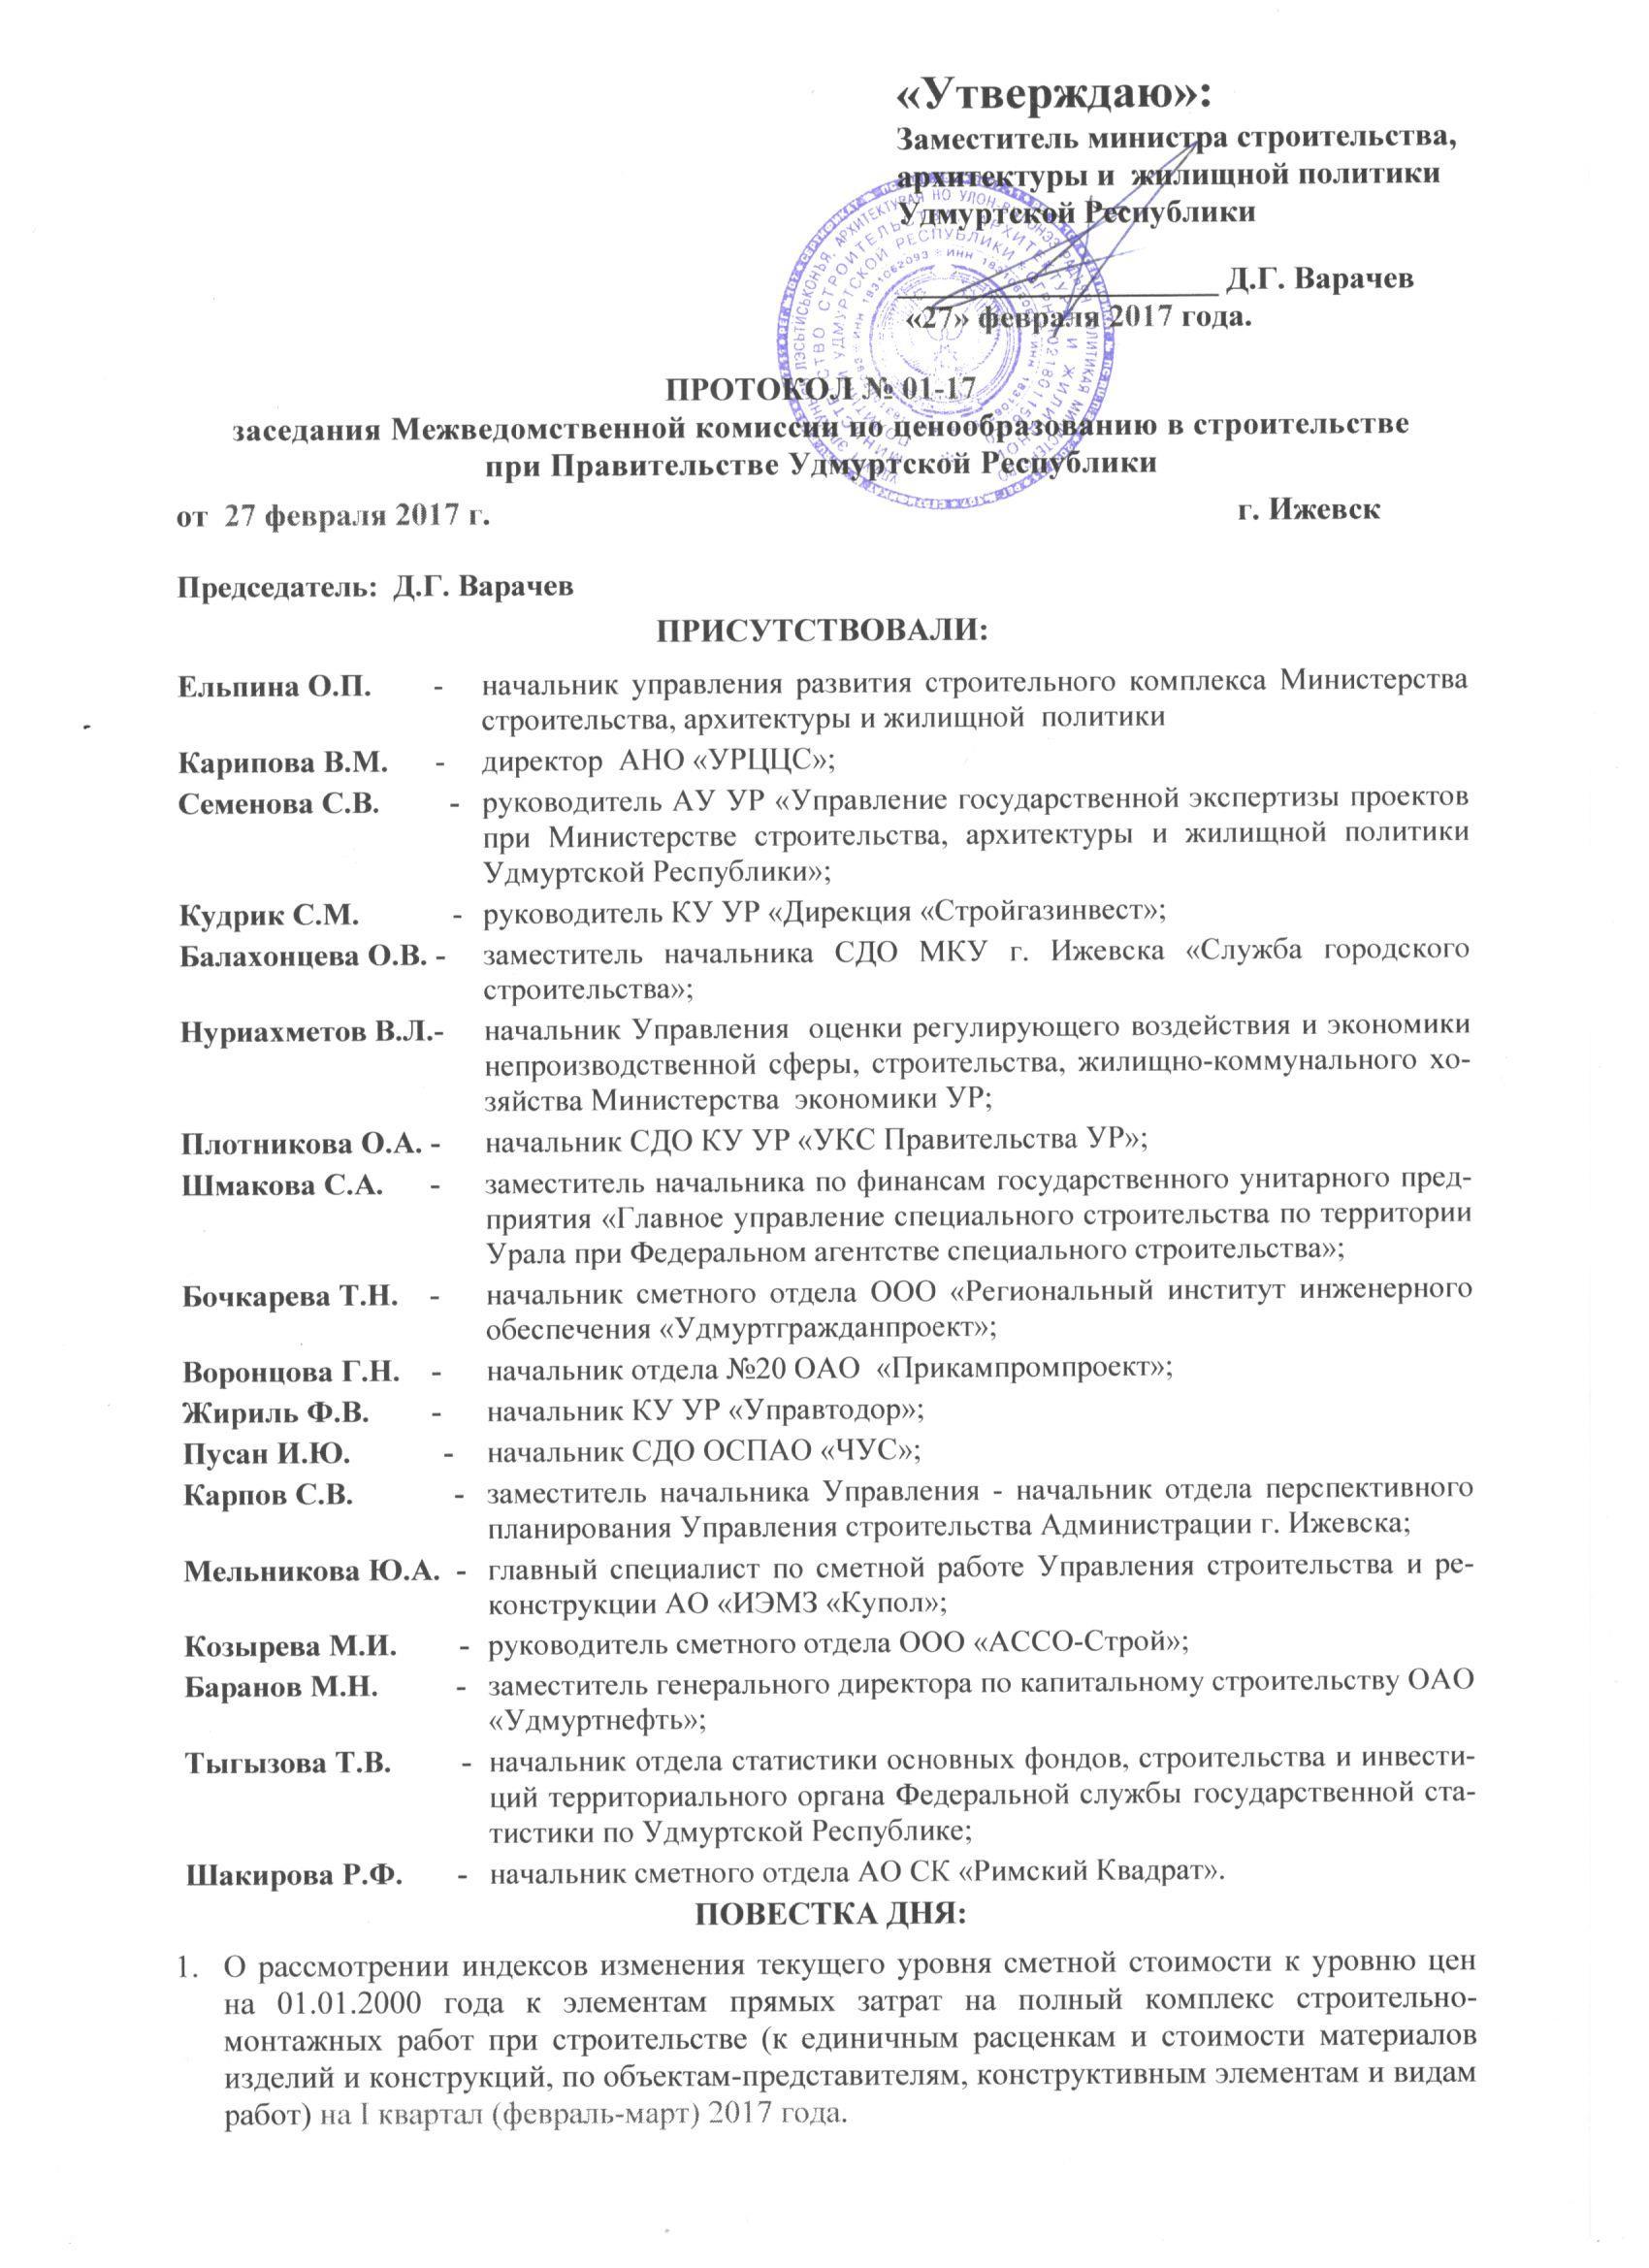 Protokol-2017-1-1